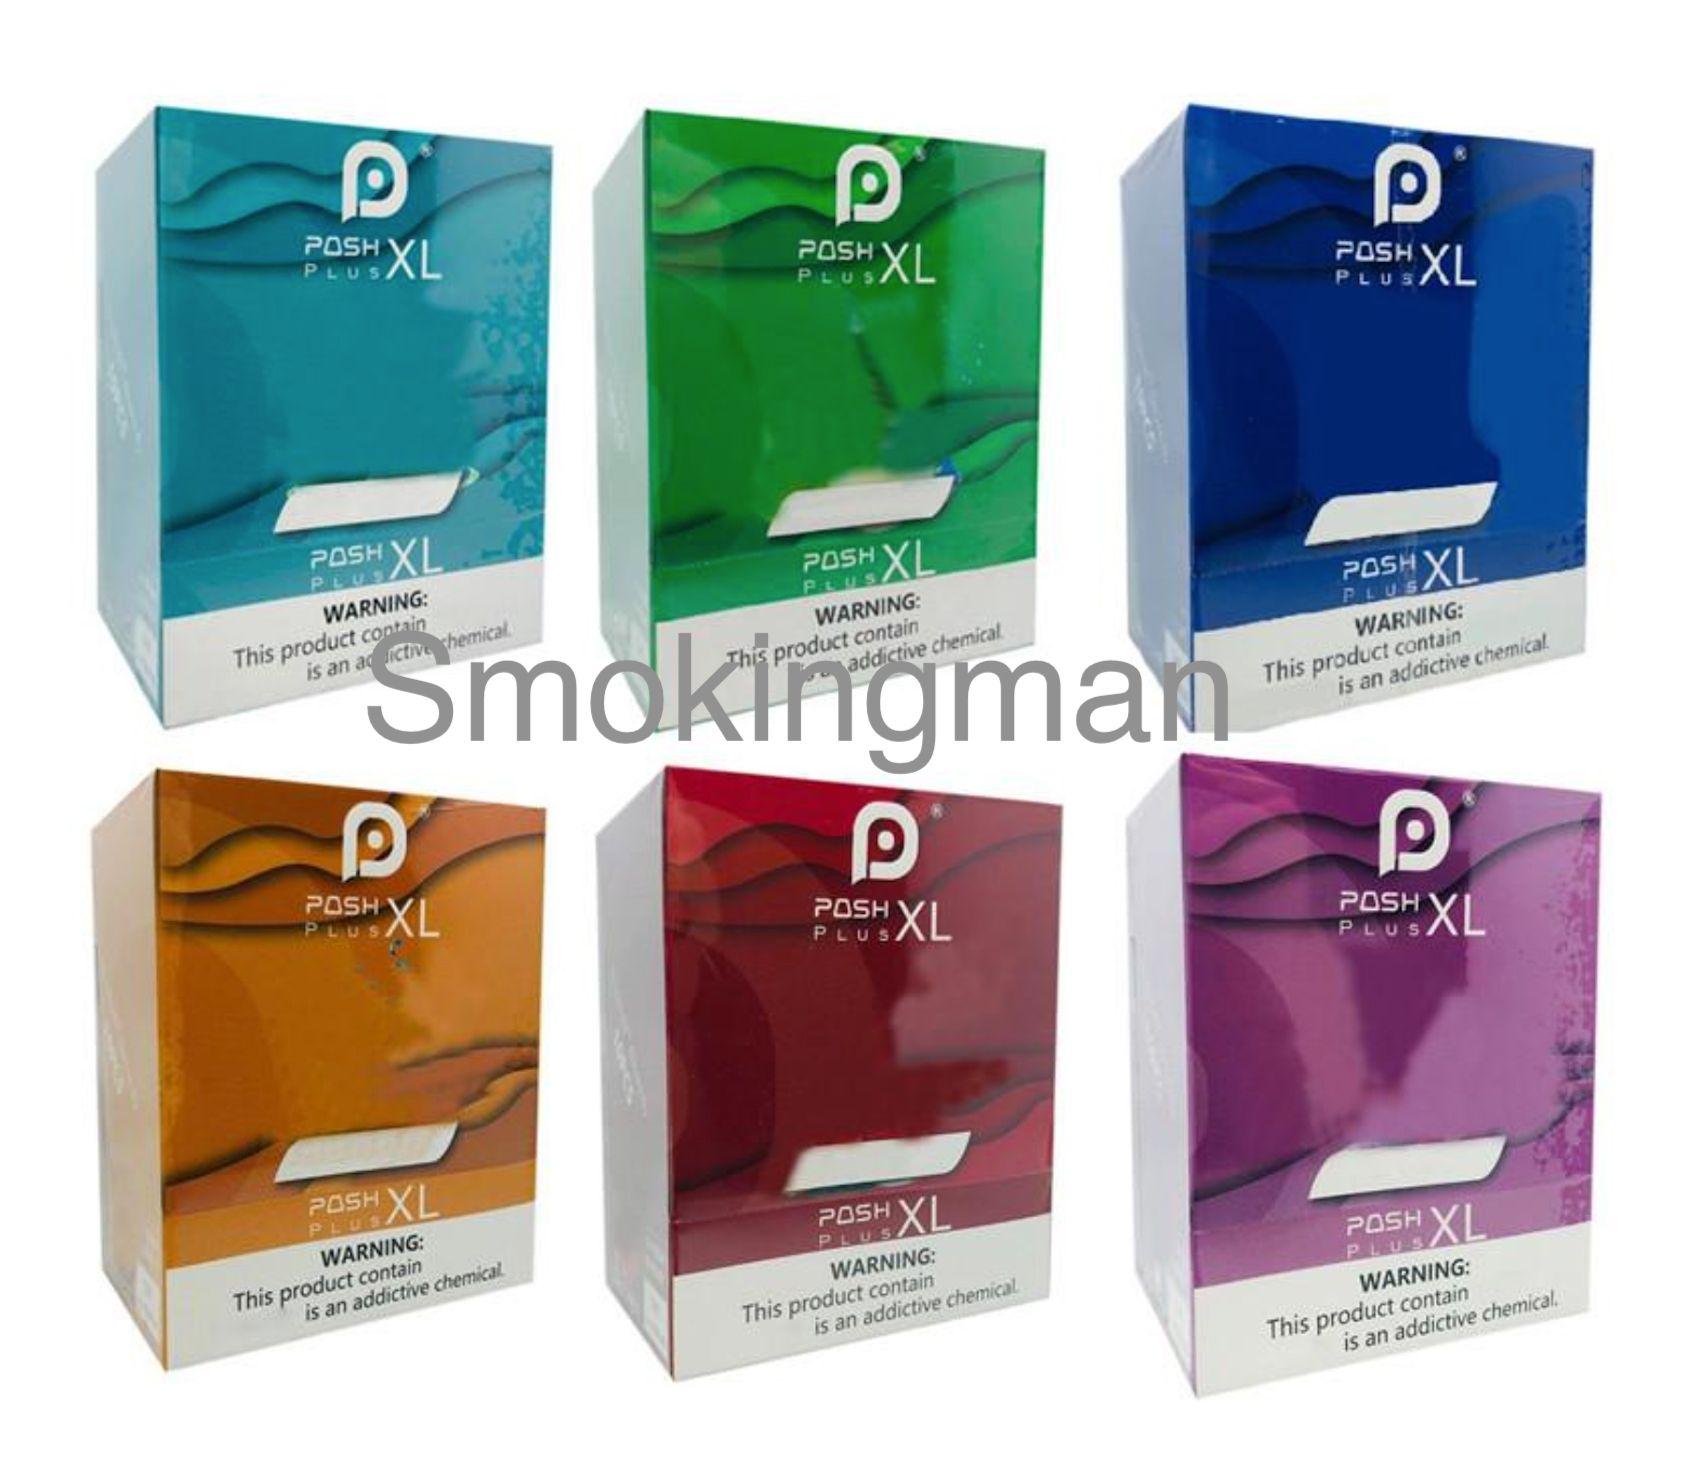 Posh Plus XL 1500 Puffs Posh Plus dispositif jetable Vape Stylo Vaporisateur de cigarette électronique 280MAH 2.0ml POD 13 couleurs avec code de sécurité